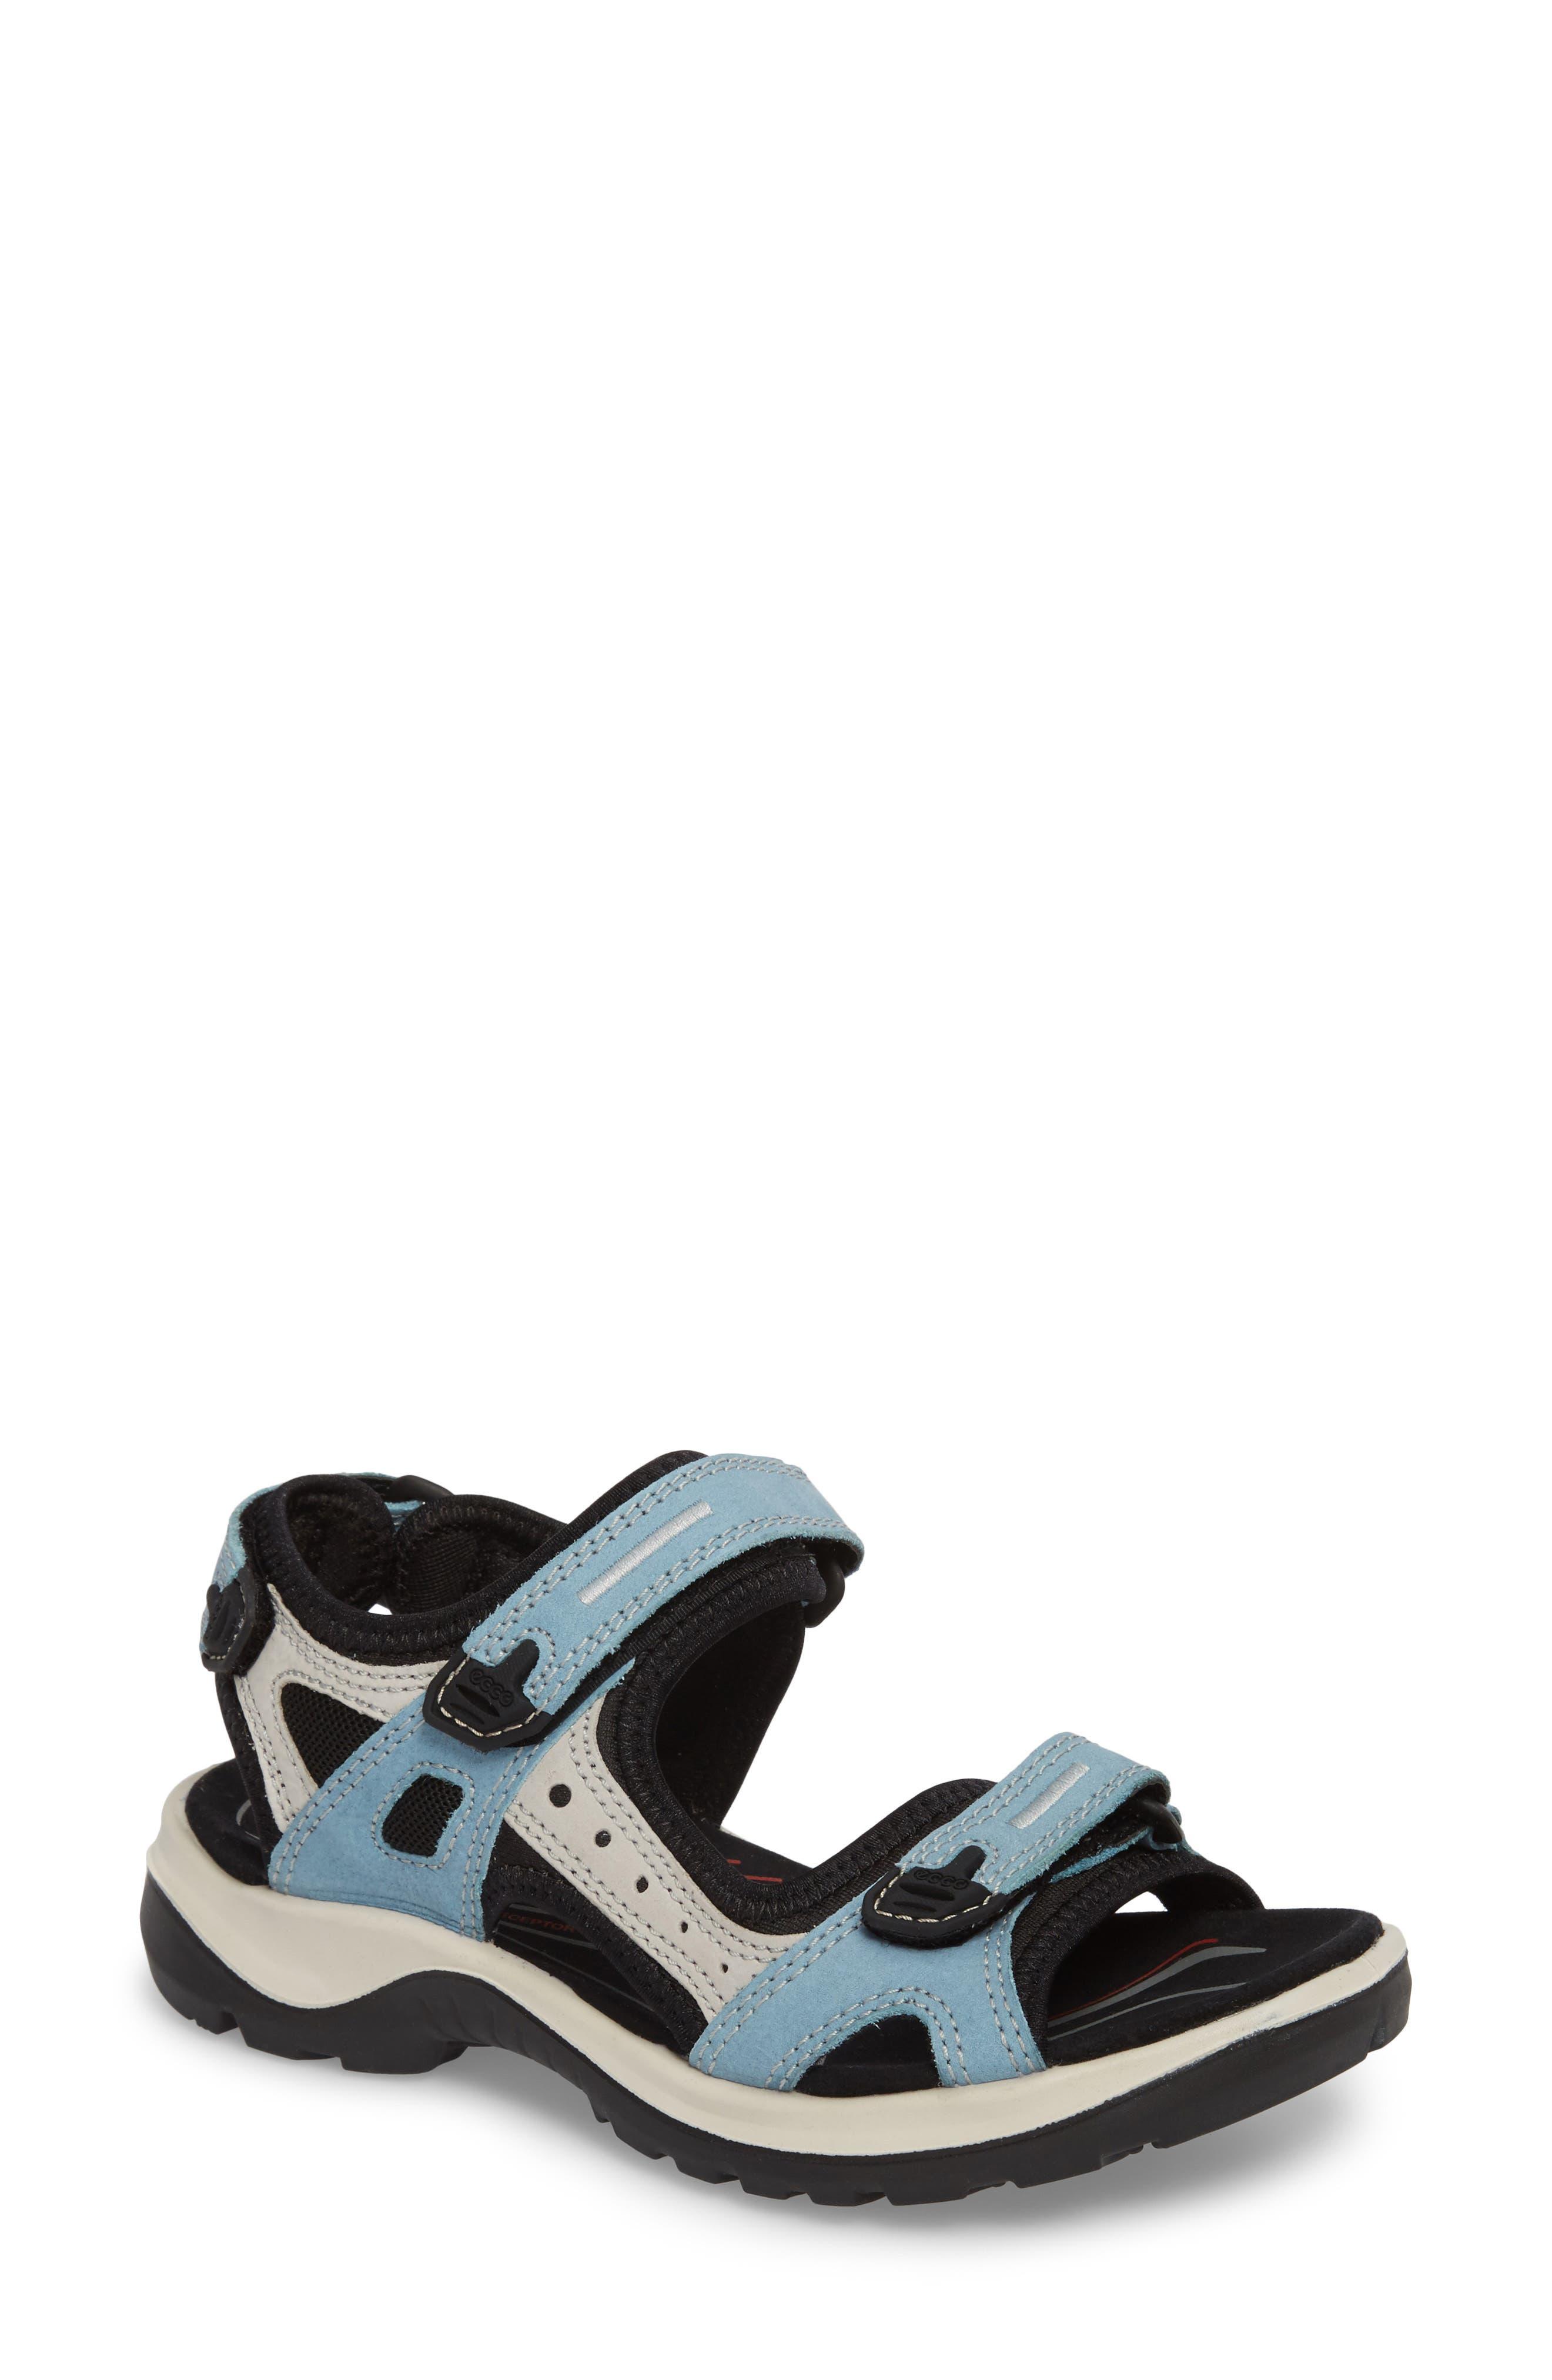 Ecco Yucatan Sandal, Blue